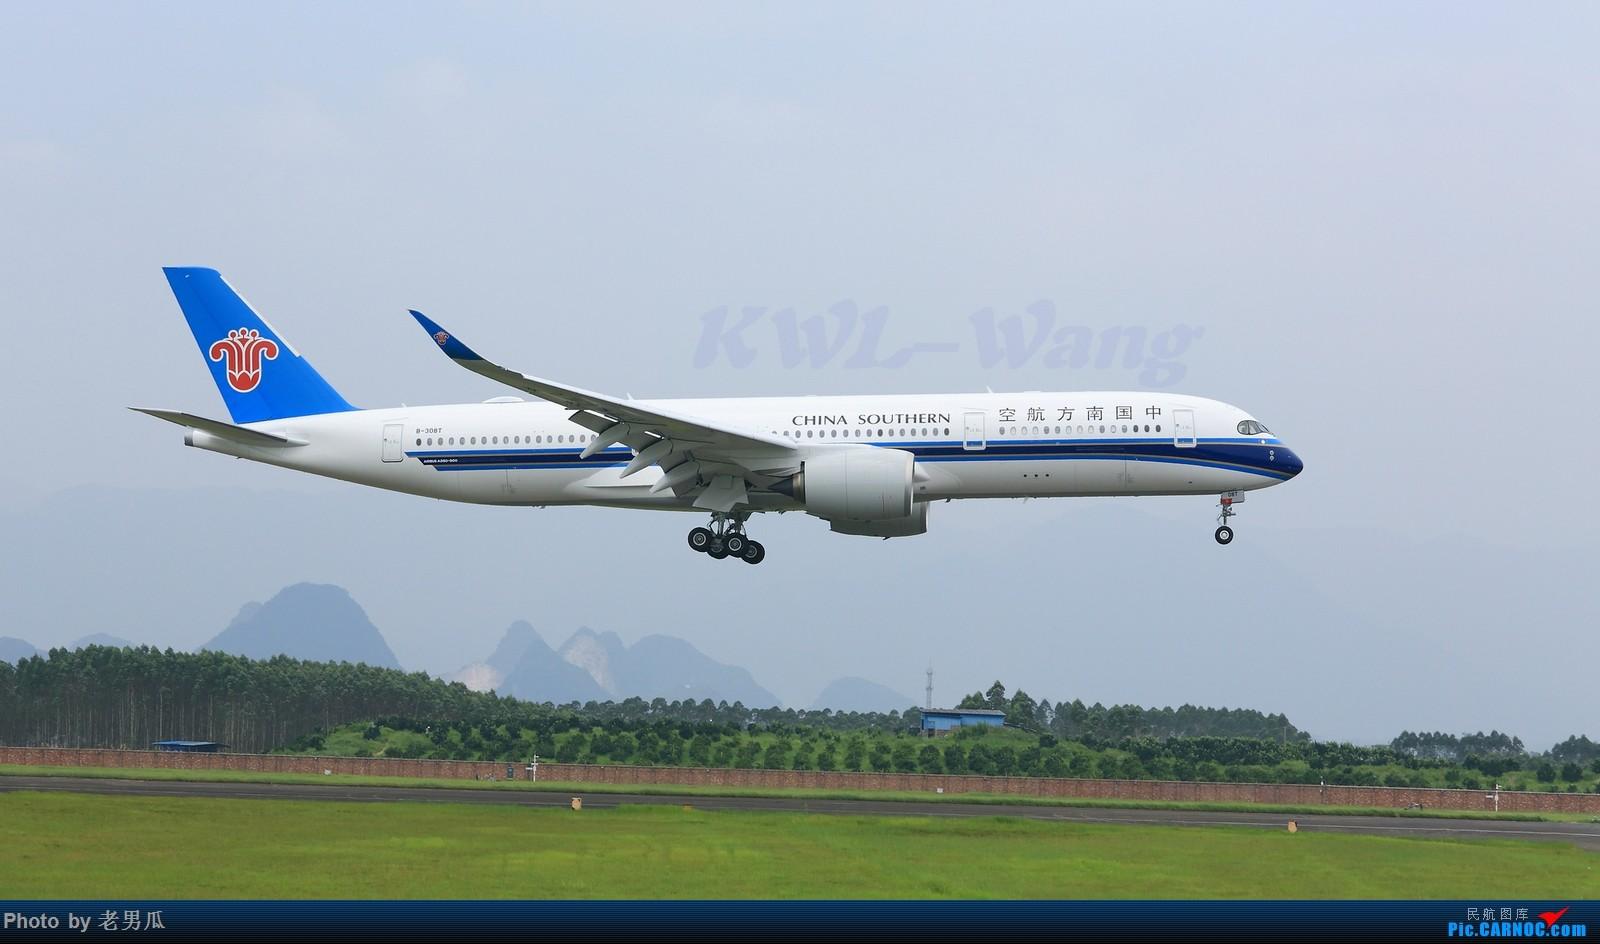 [原创]350训练 AIRBUS A350-900 308T 桂林机场